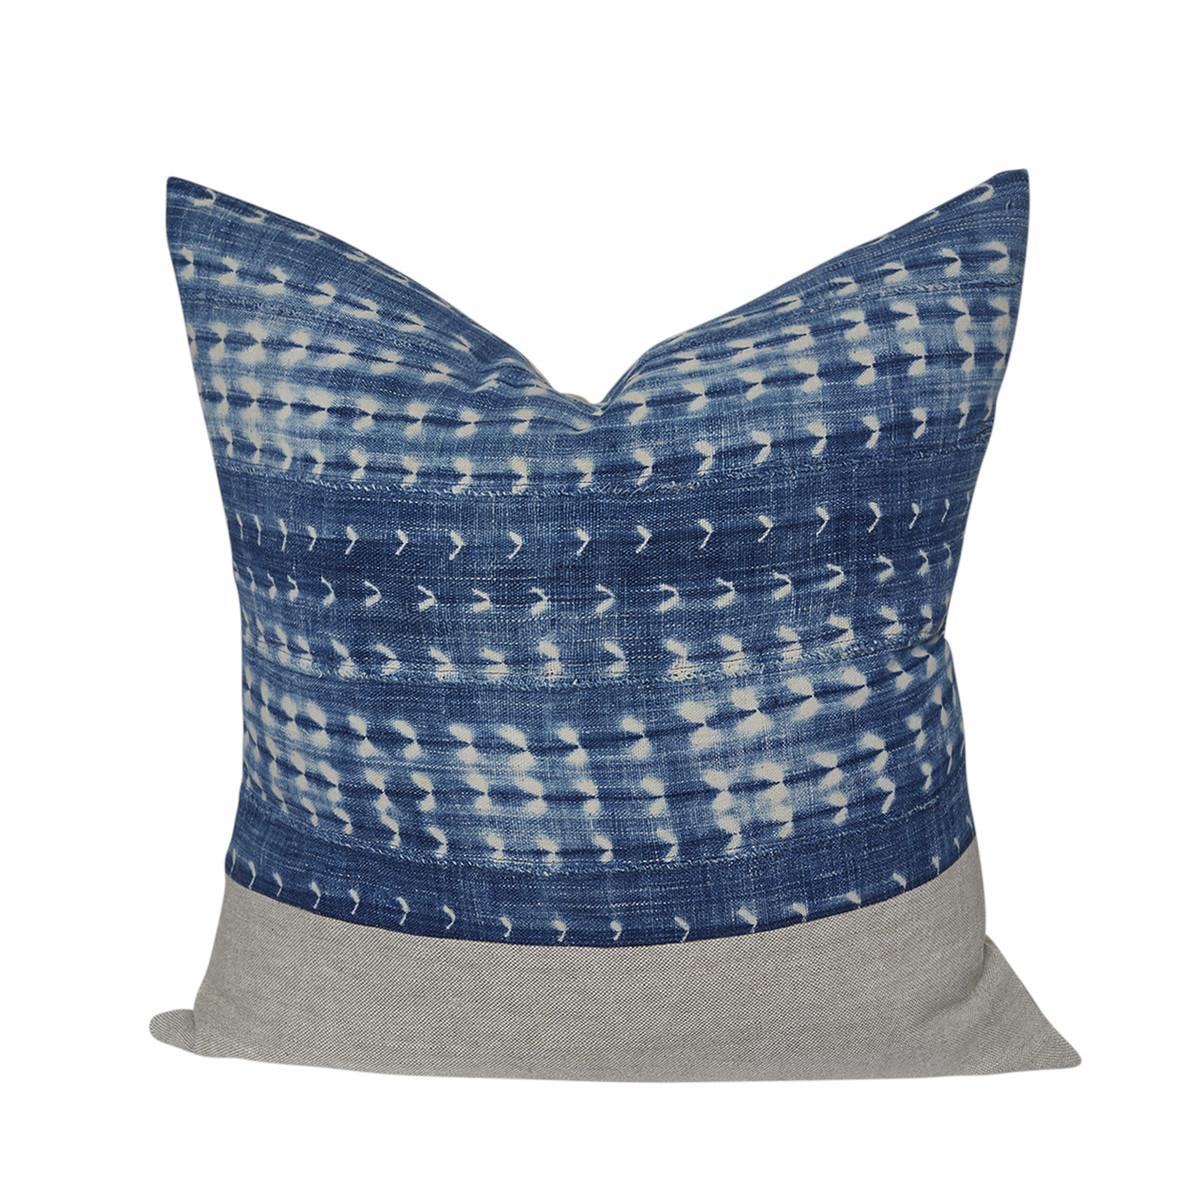 Vintage Indigo Pillow 3057 26 front